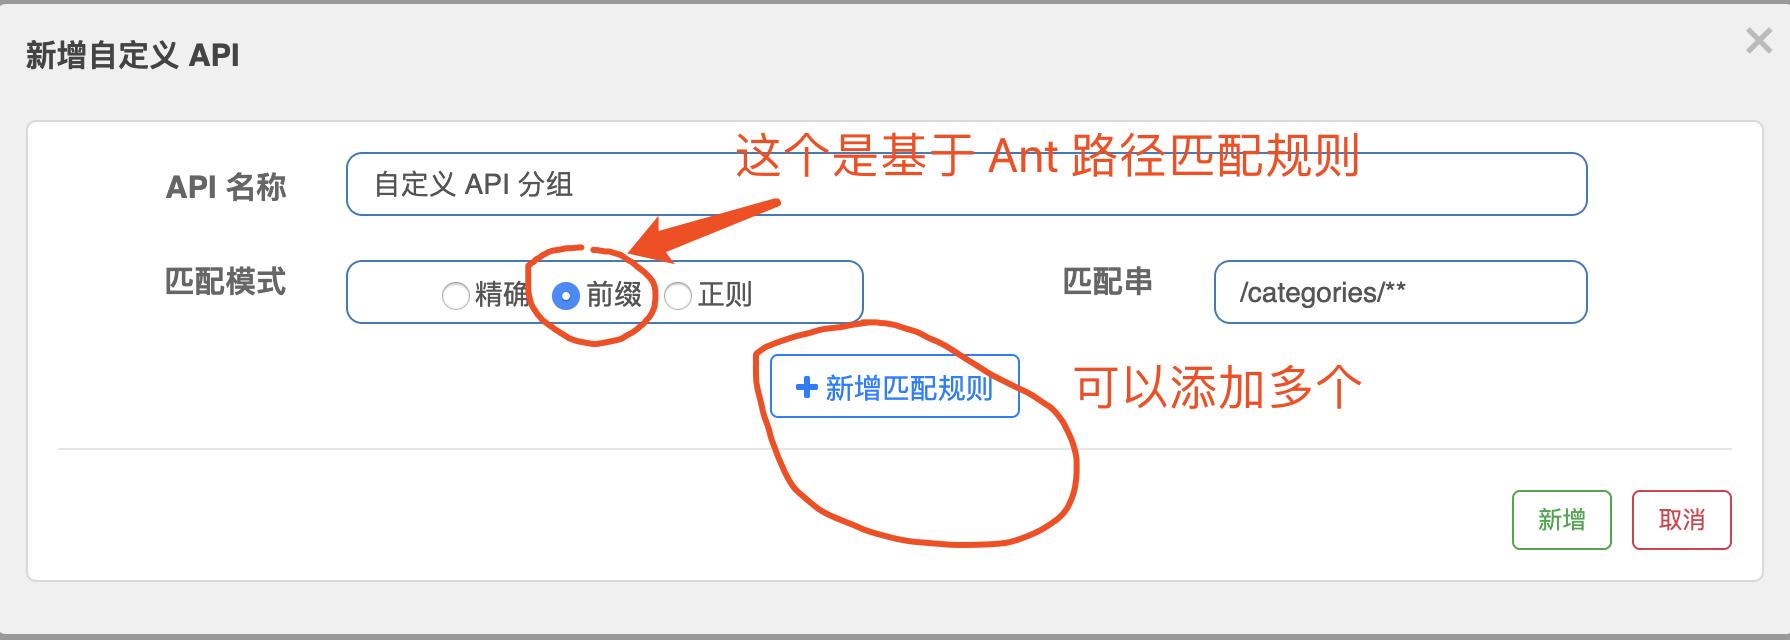 创建 API 分组